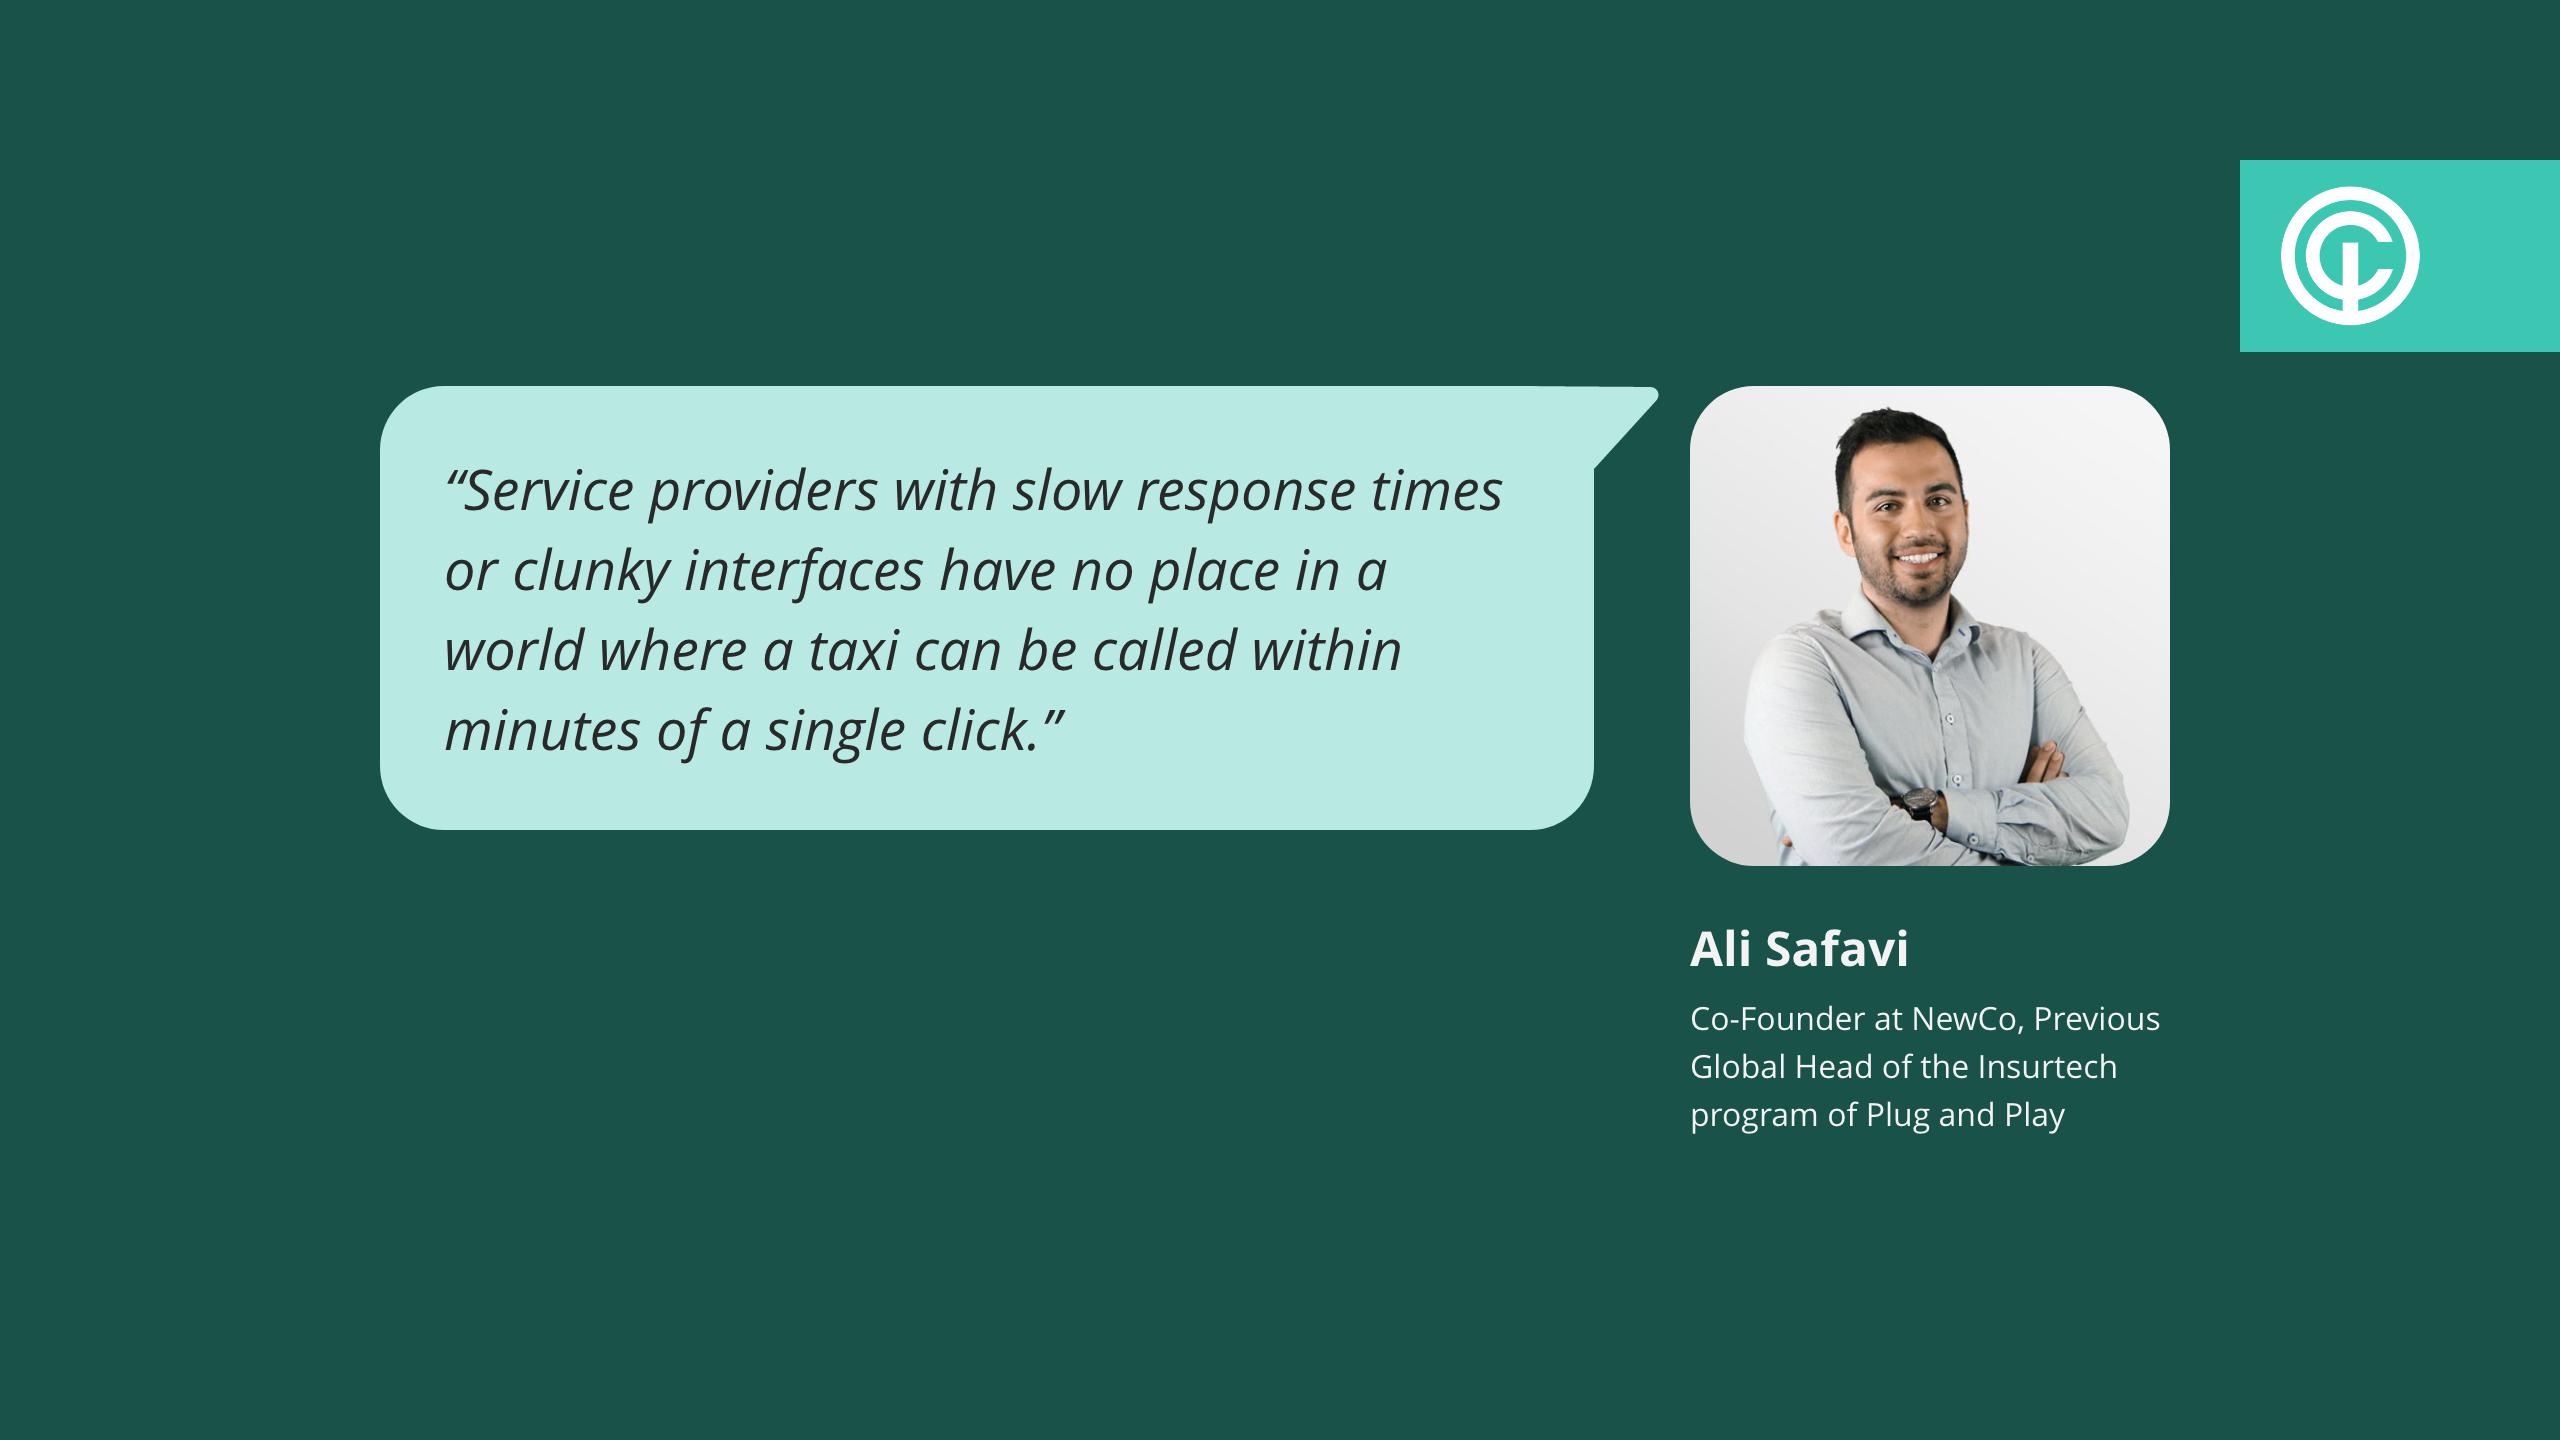 quote from ali safavi